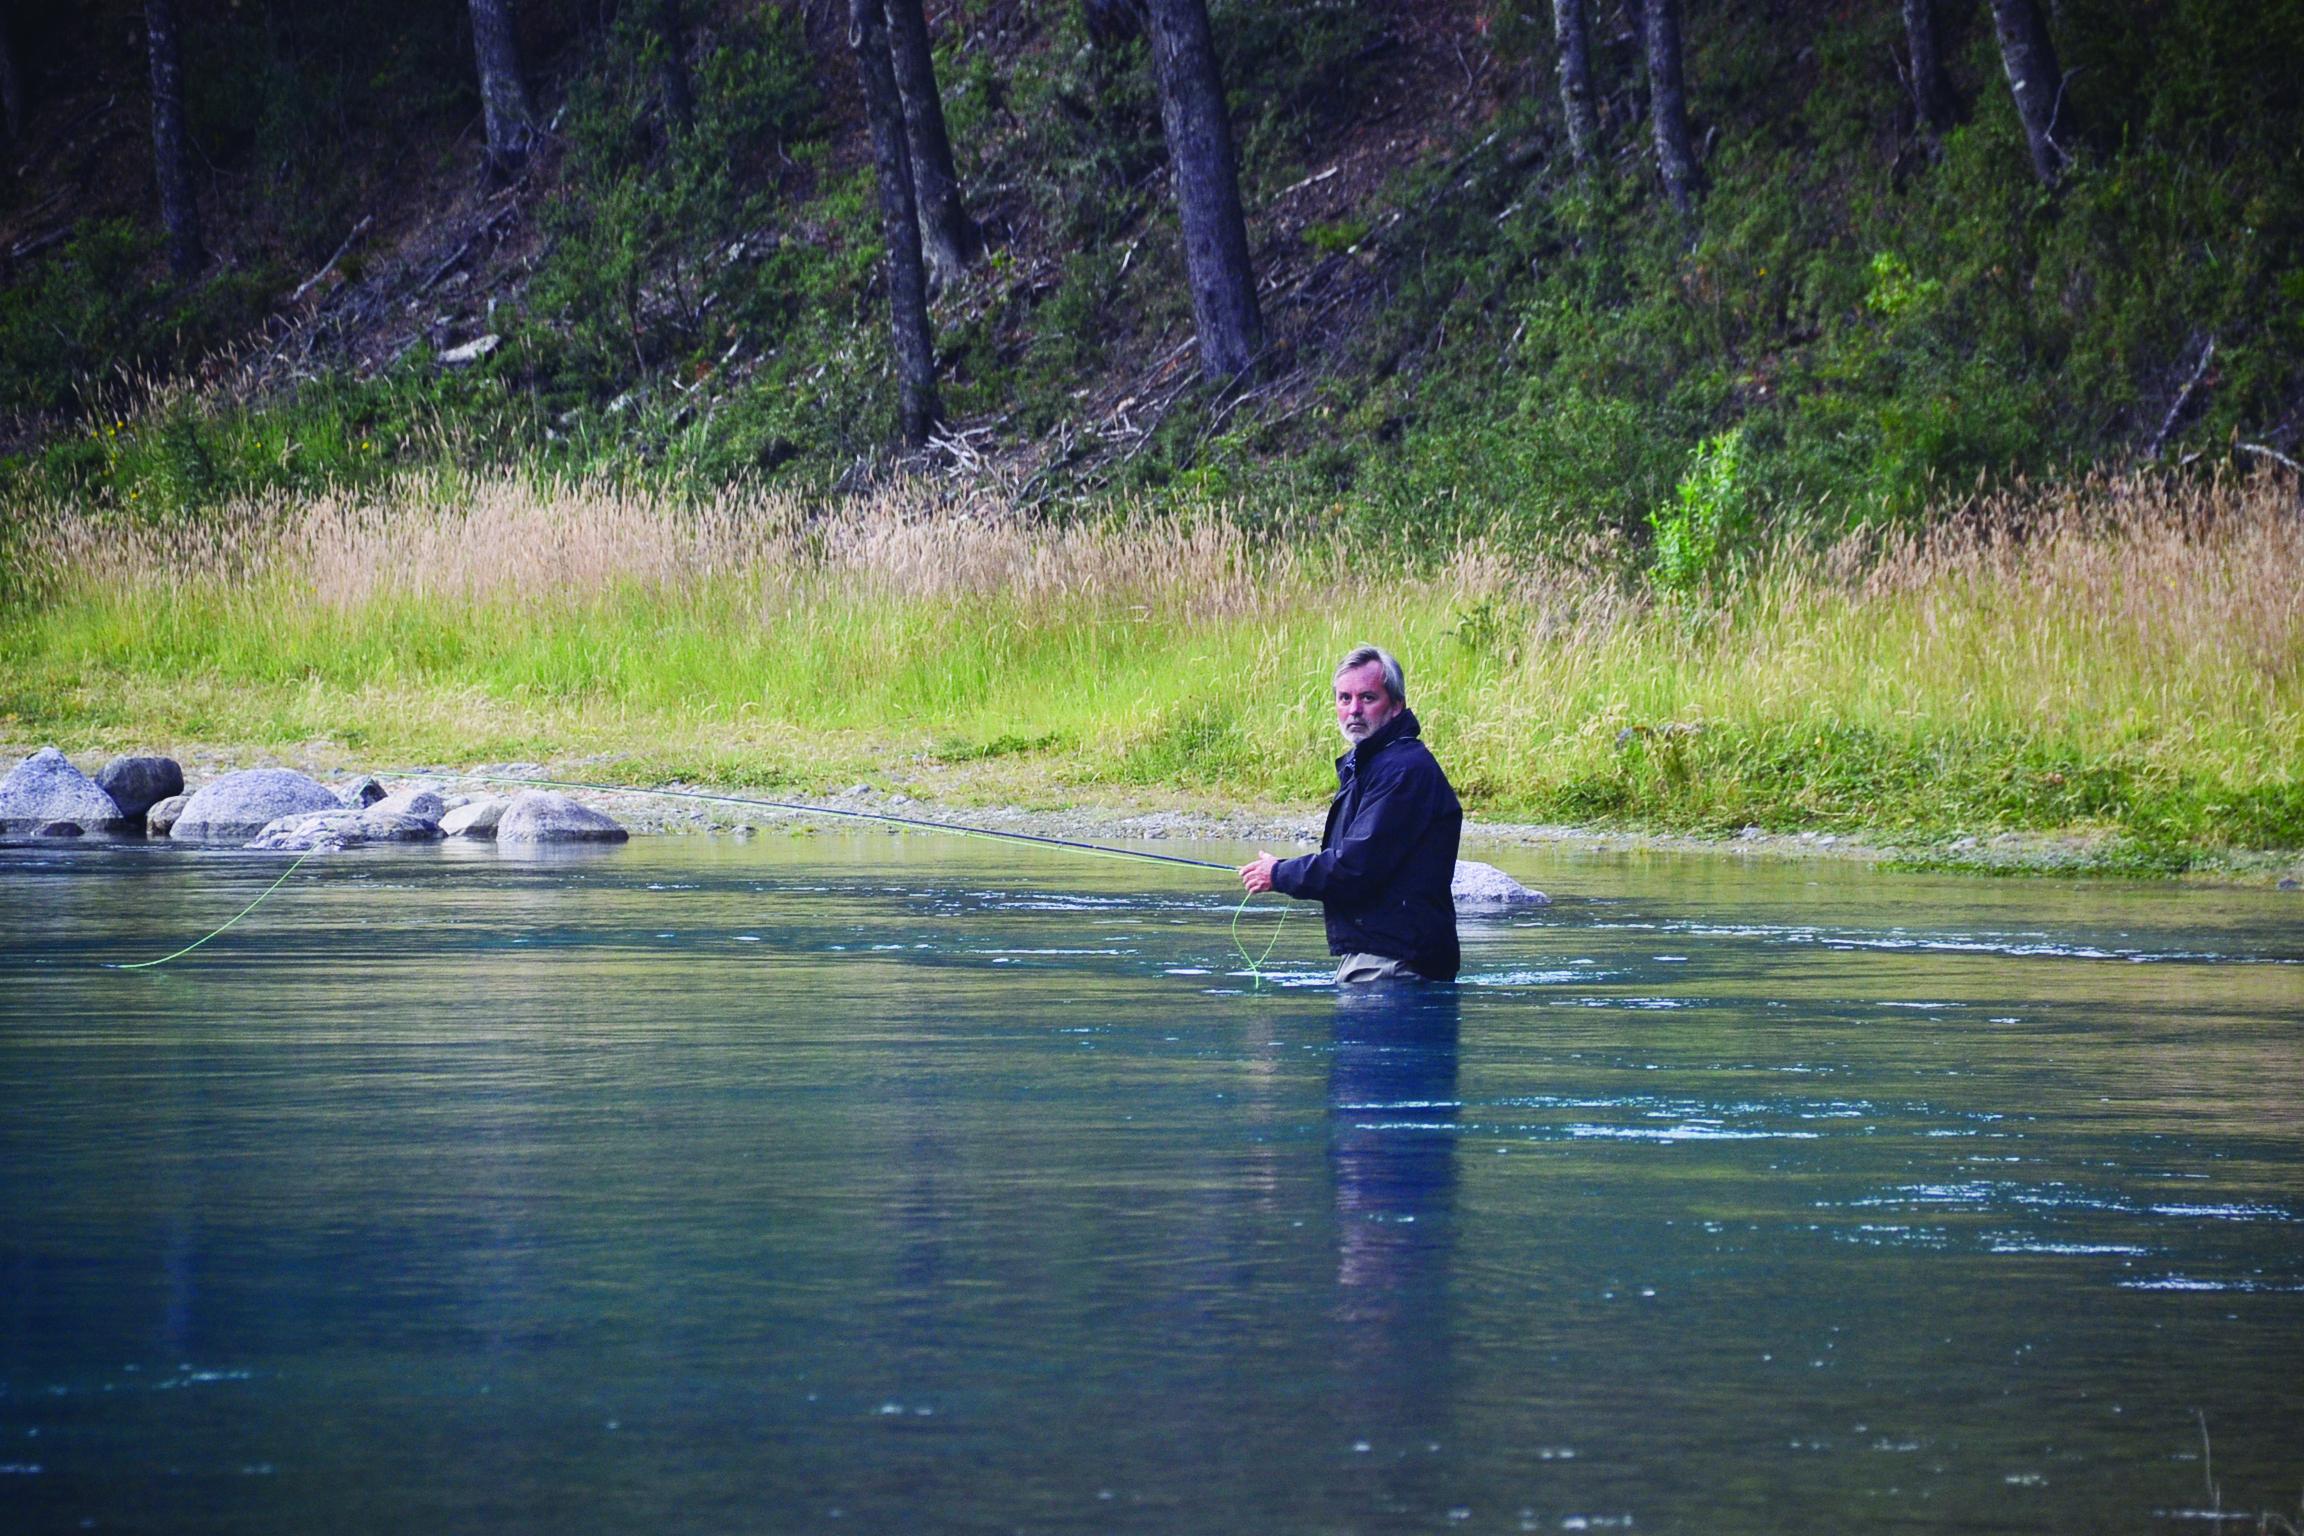 La pesca, un legado familiar - Álvaro Jiménez